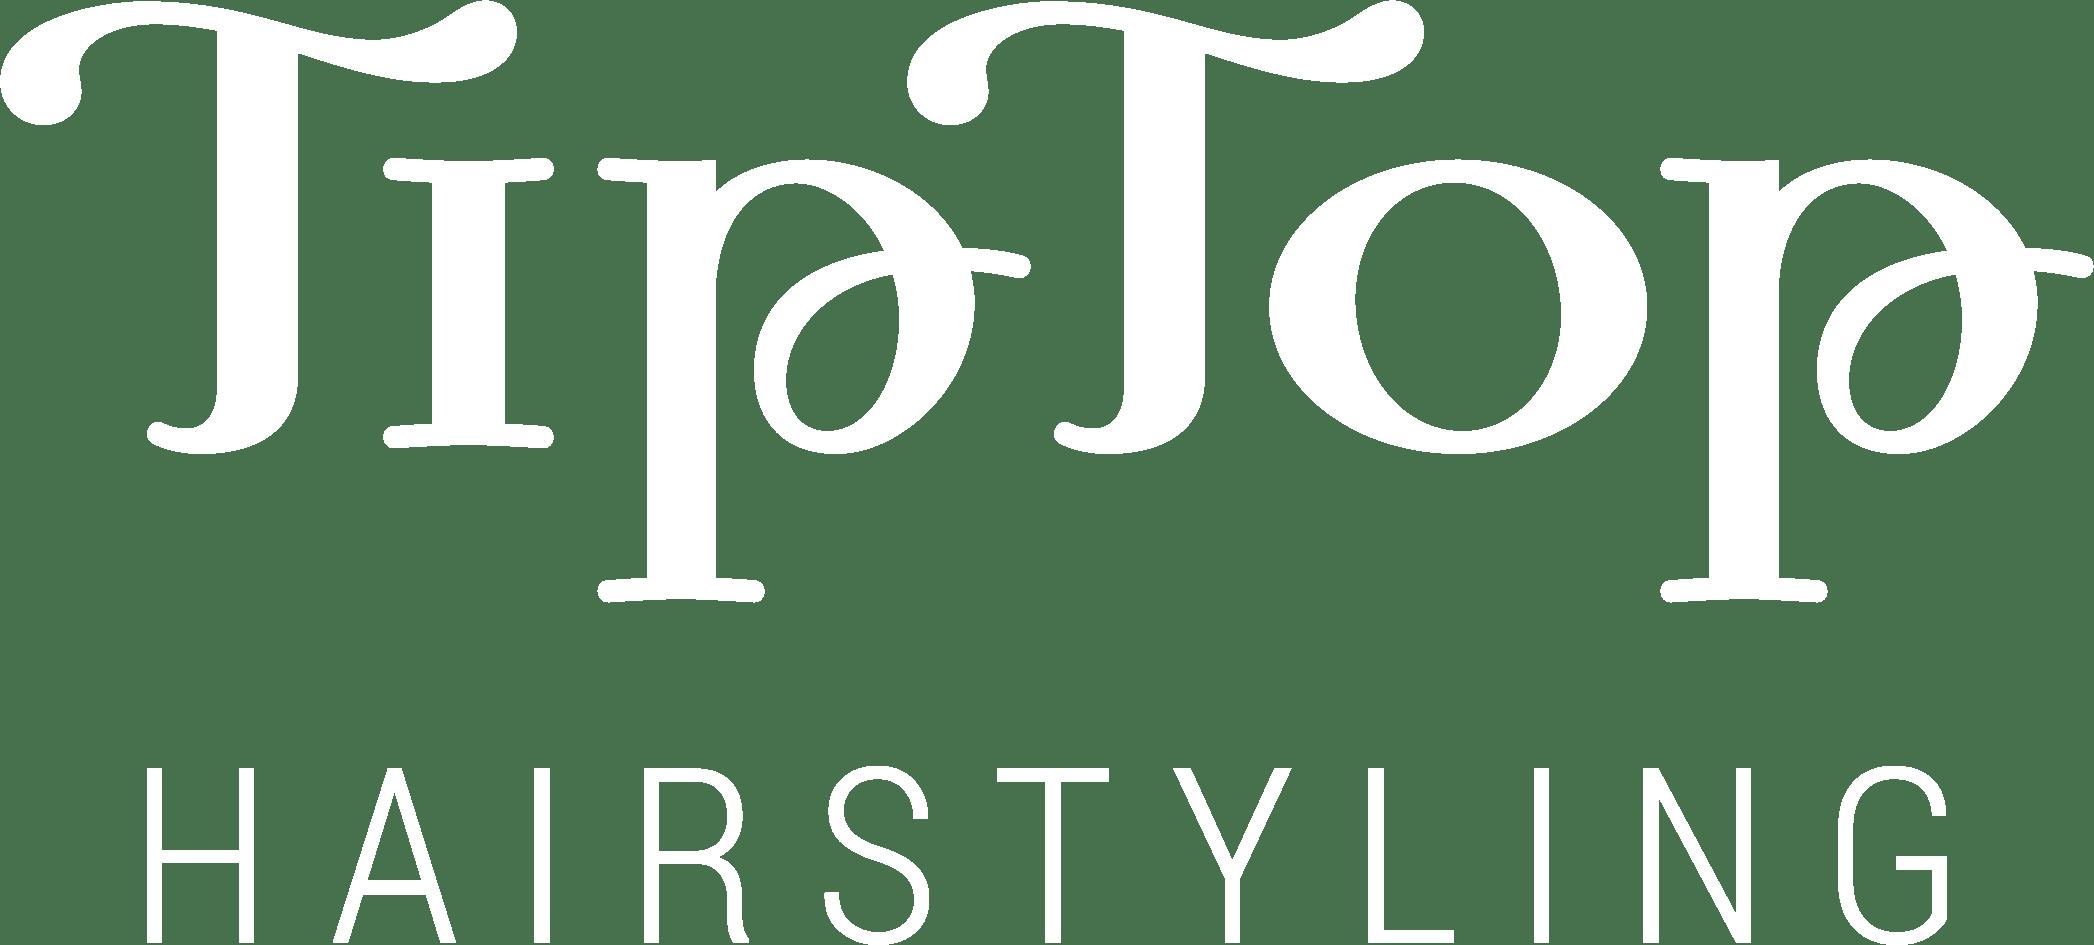 Haarwerken - Kapsalon - Visagie - Erkend ANKO haarwerkspecialist in Overijssel, Flevoland, Noordoostpolder en Friesland | TipTop Hairstyling